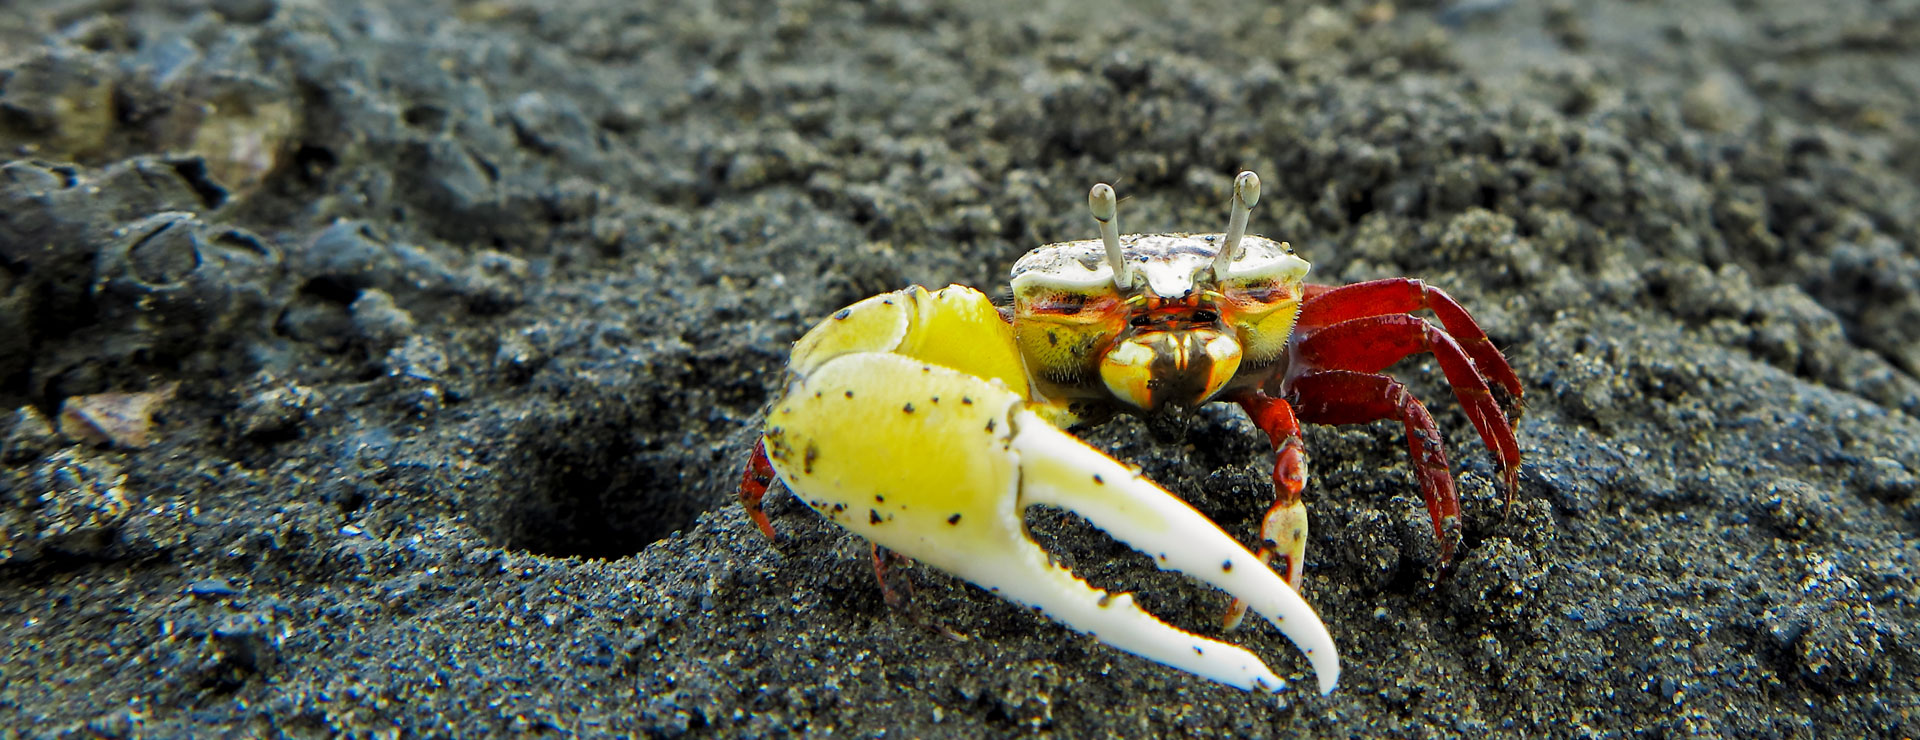 麥寮港水下生態豐富,「海洋生態實驗室」是您戶外教學不可缺席的景點!